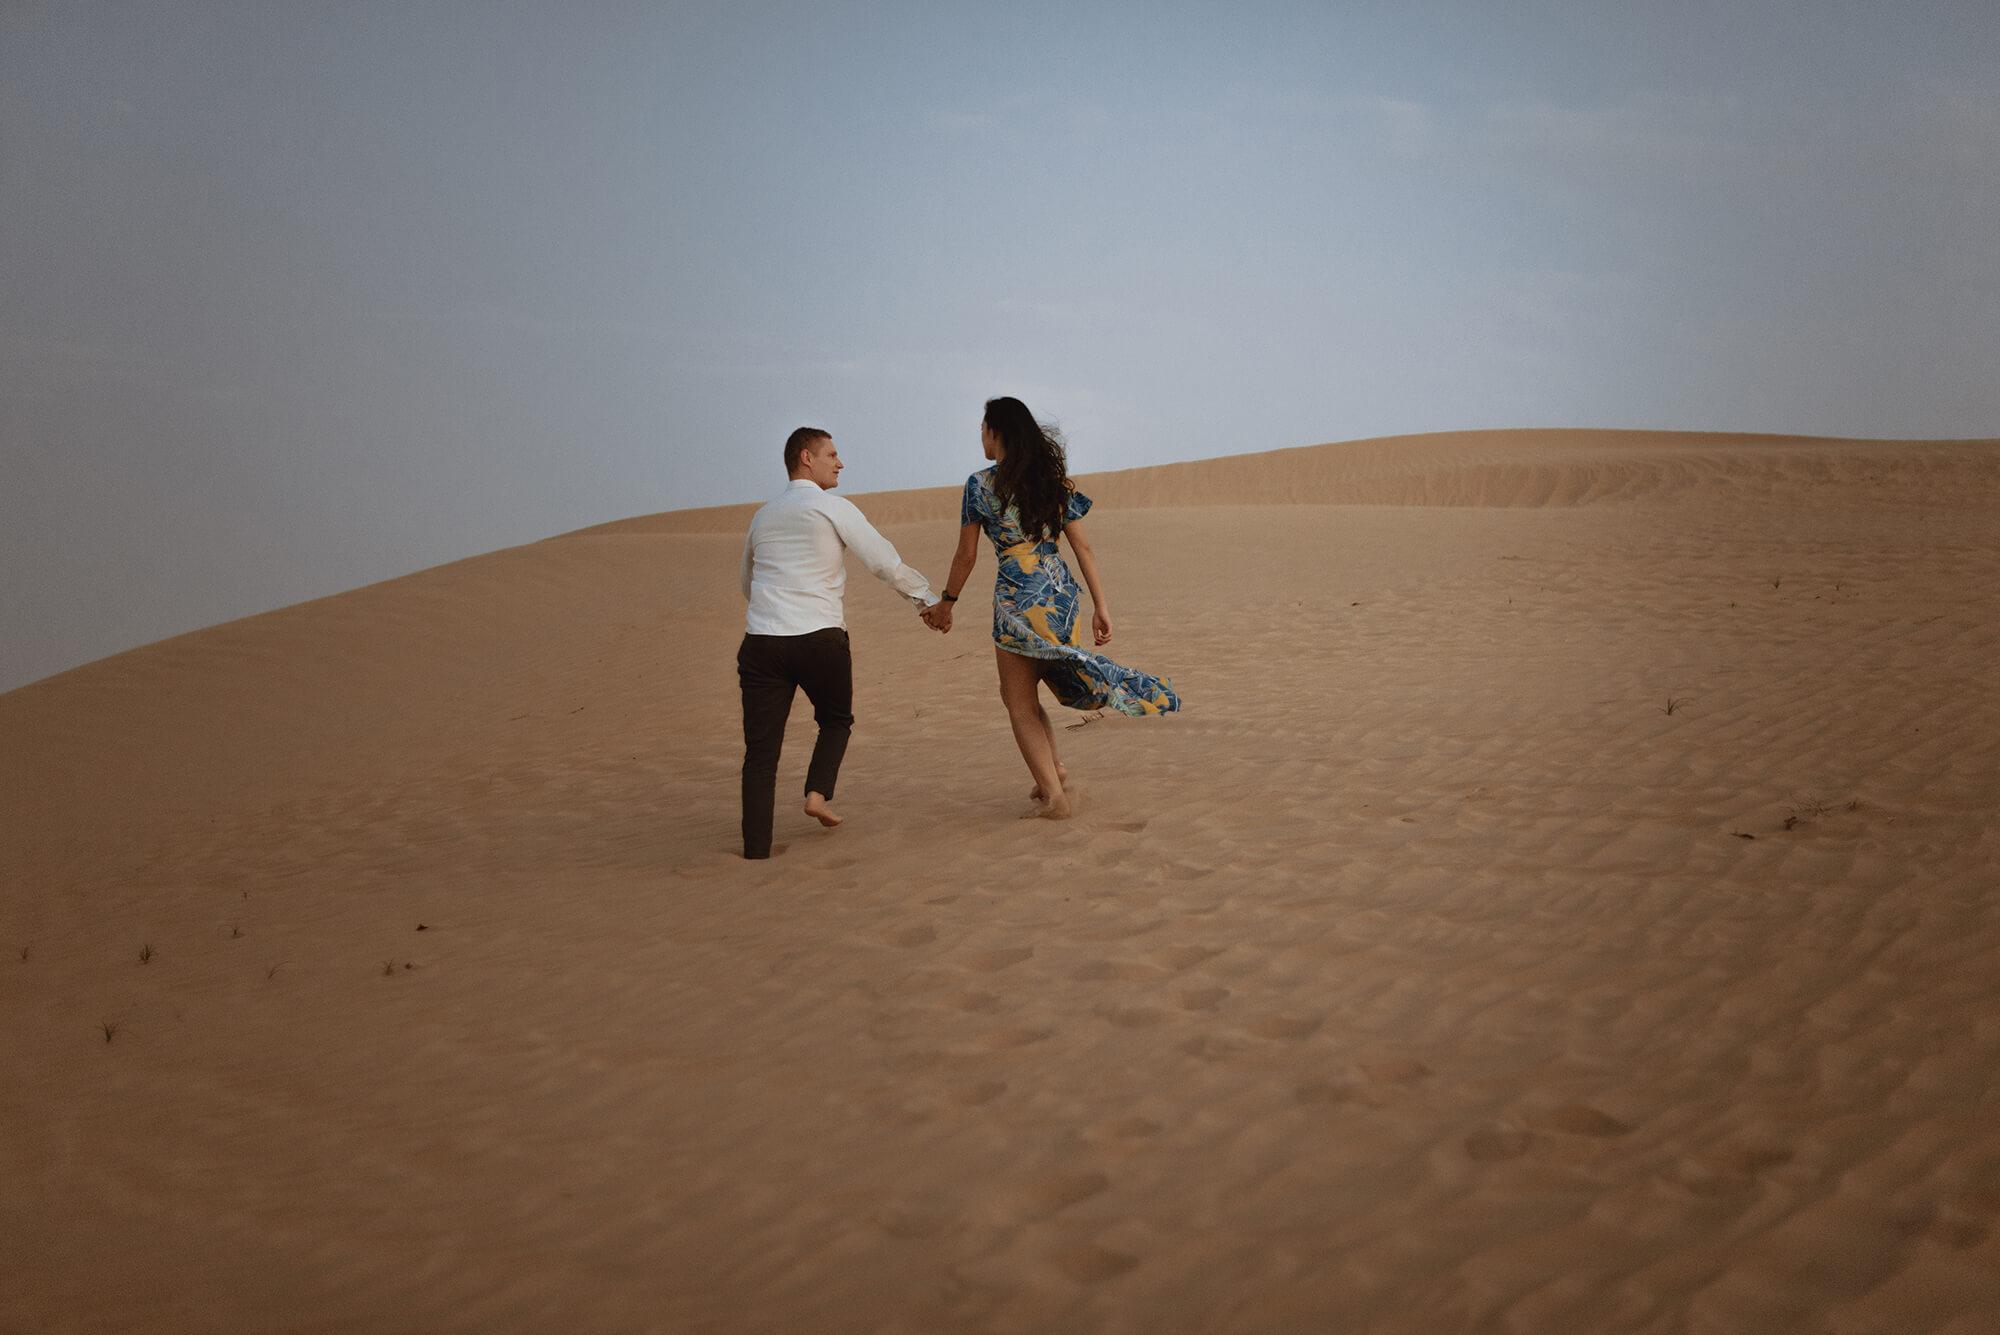 Sesja narzeczenska w dubaju21 - Citra + Kuba | miłość w Dubaju + 6 powodów dlaczego sesja narzeczeńska jest tak ważna